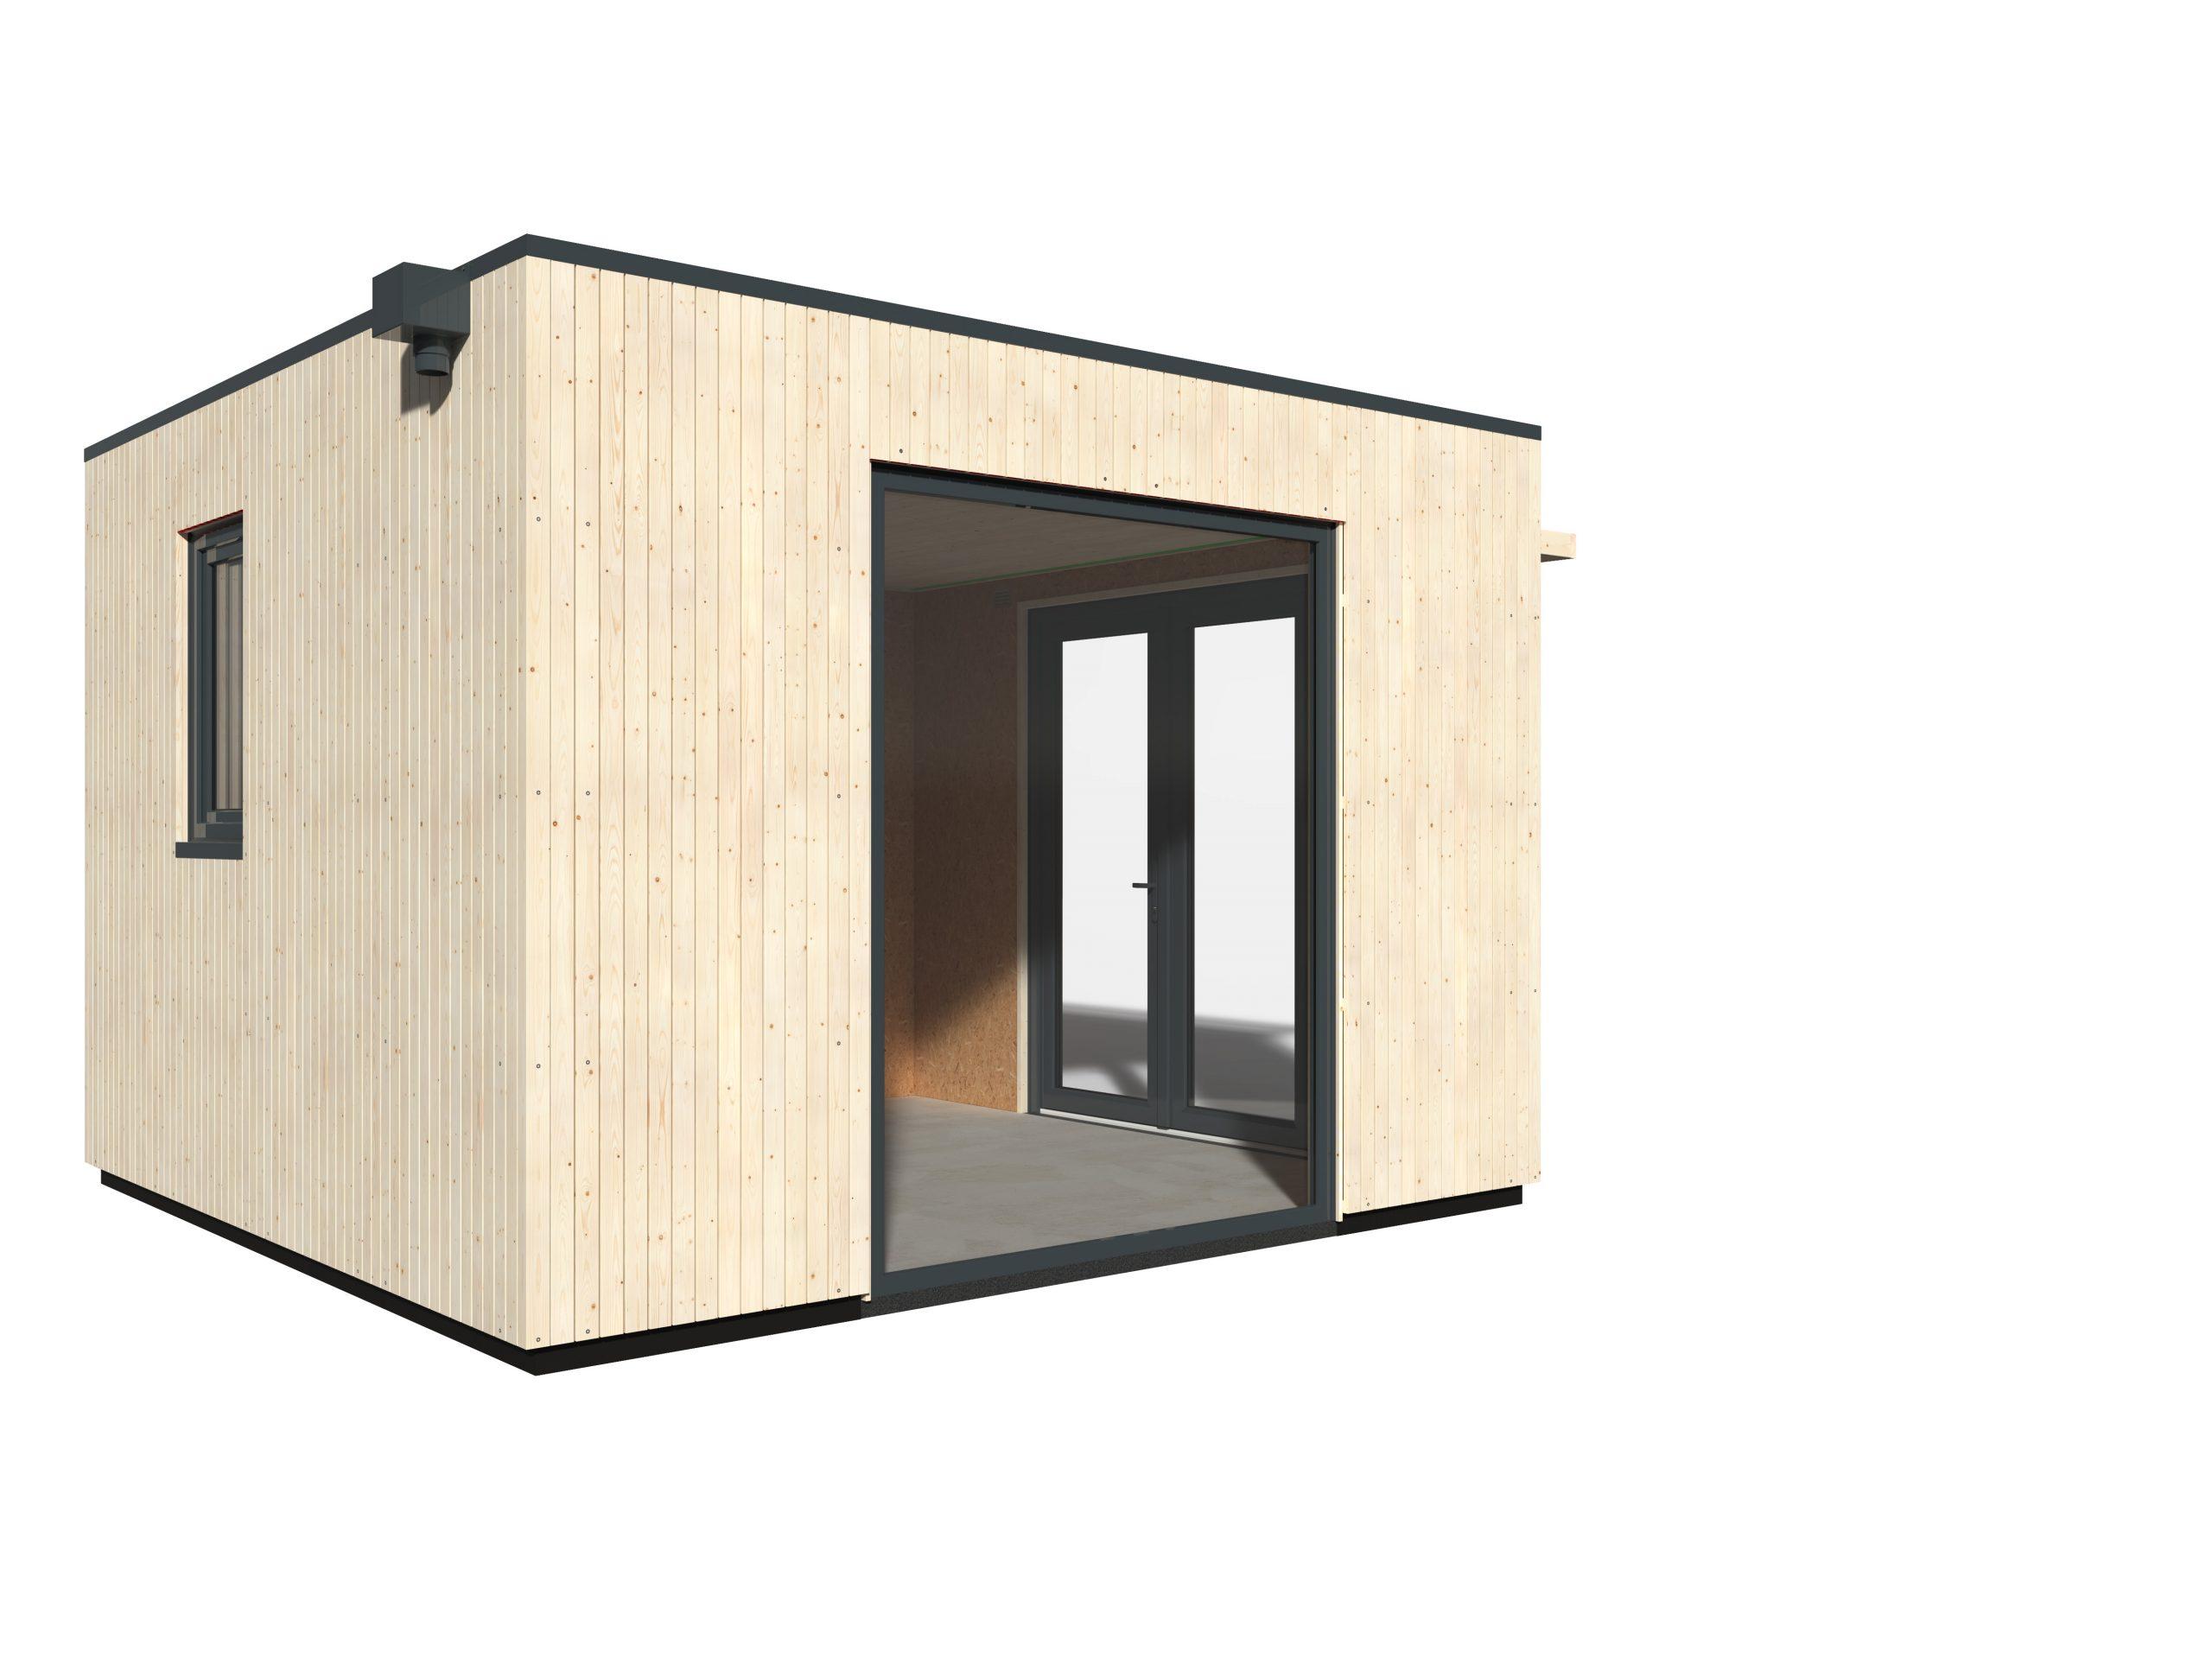 Studio De Jardin Bois Decor Et Jardin Como Ep.97 Mm, 11.16 M² concernant Bâche Epdm Leroy Merlin